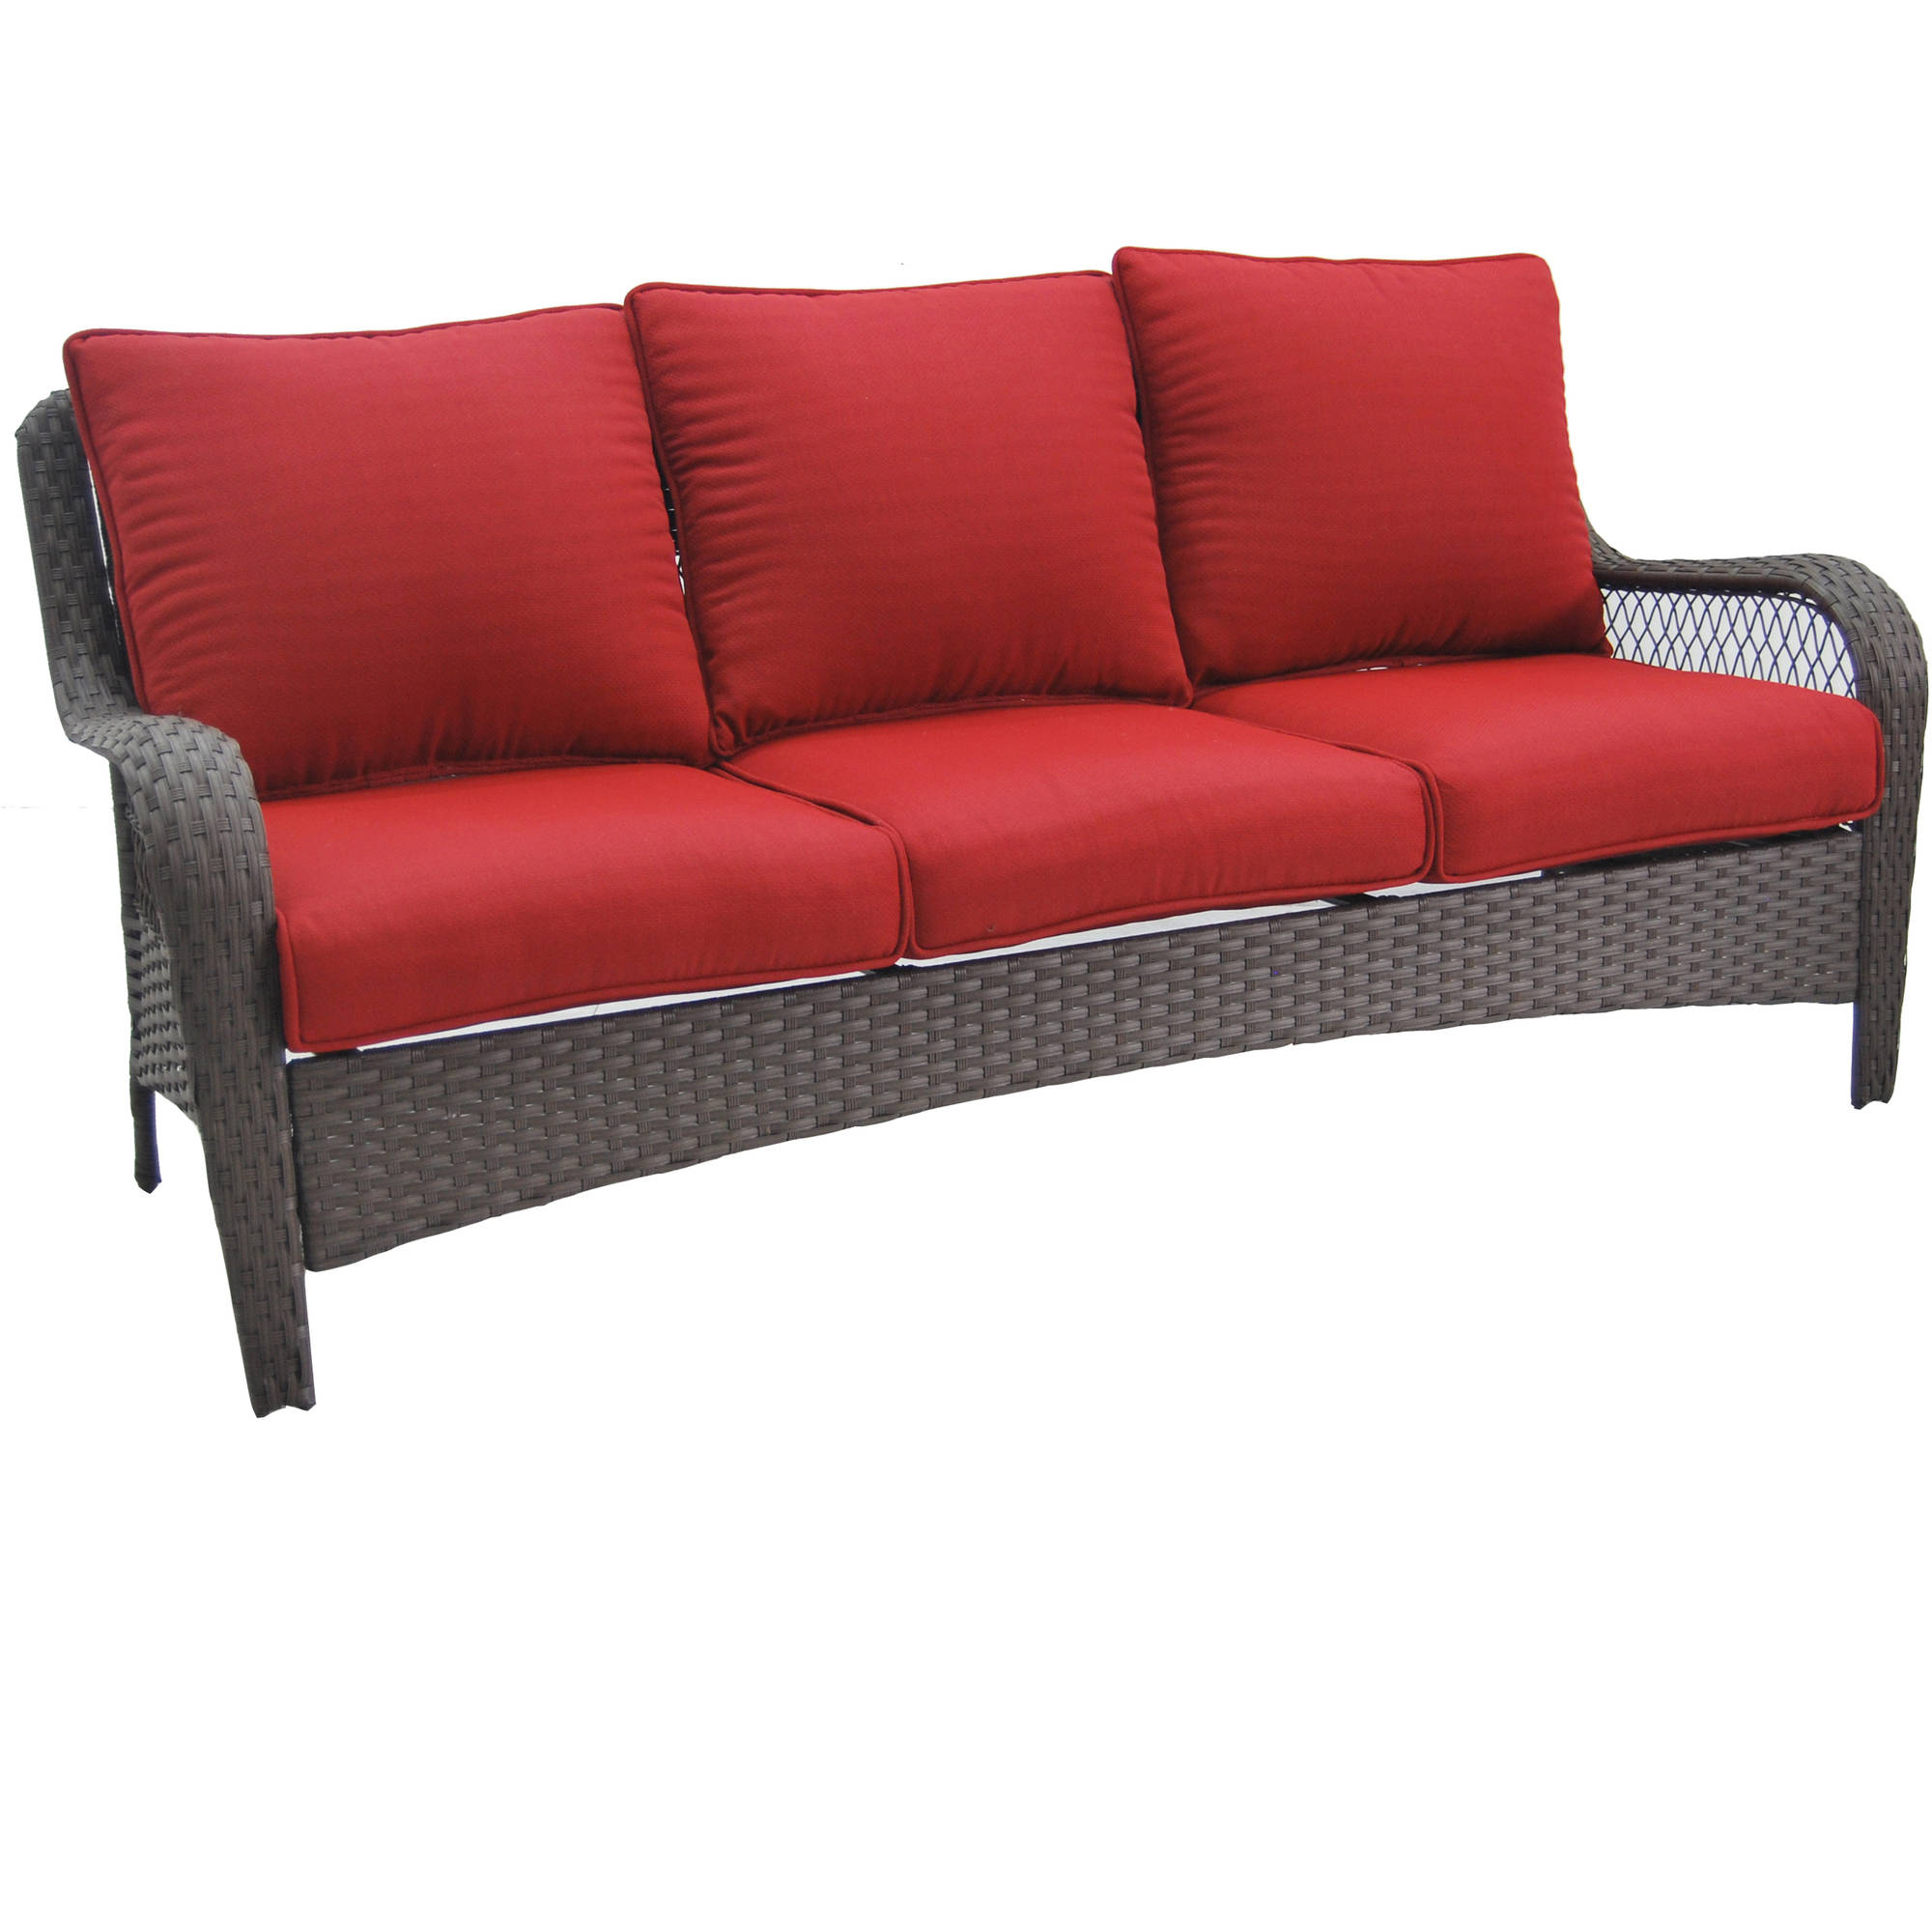 better homes and gardens colebrook outdoor sofa, seats 3 - walmart.com GFAOVLP